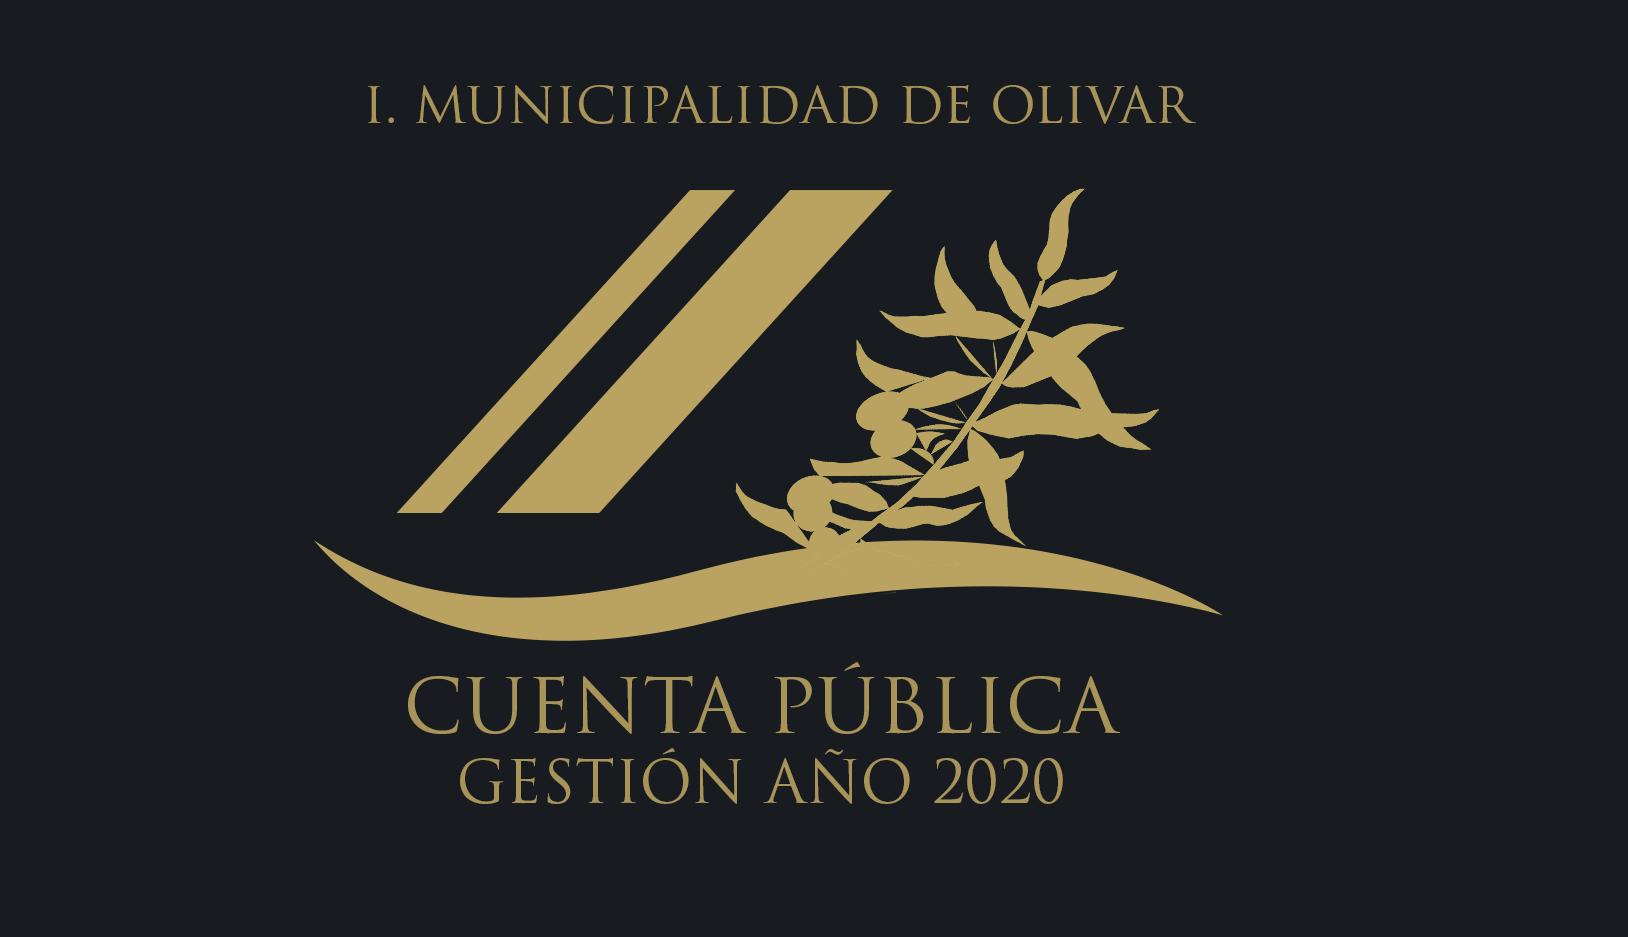 Cuenta Pública Gestión Año 2020